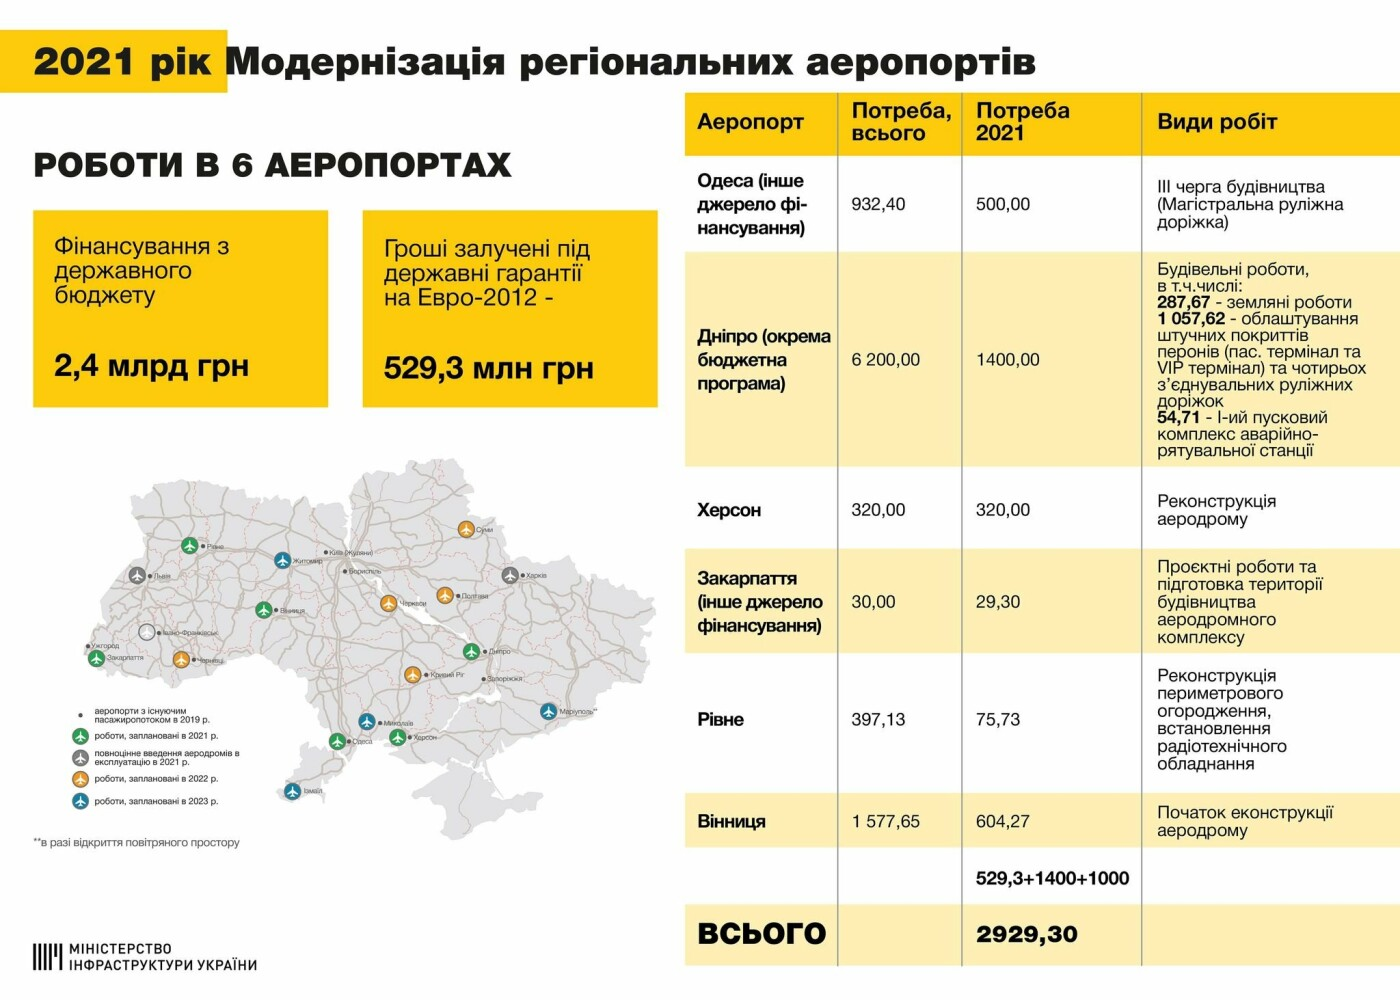 Міжнародний аеропорт «Херсон» отримає понад 300 мільйонів гривень, фото-1